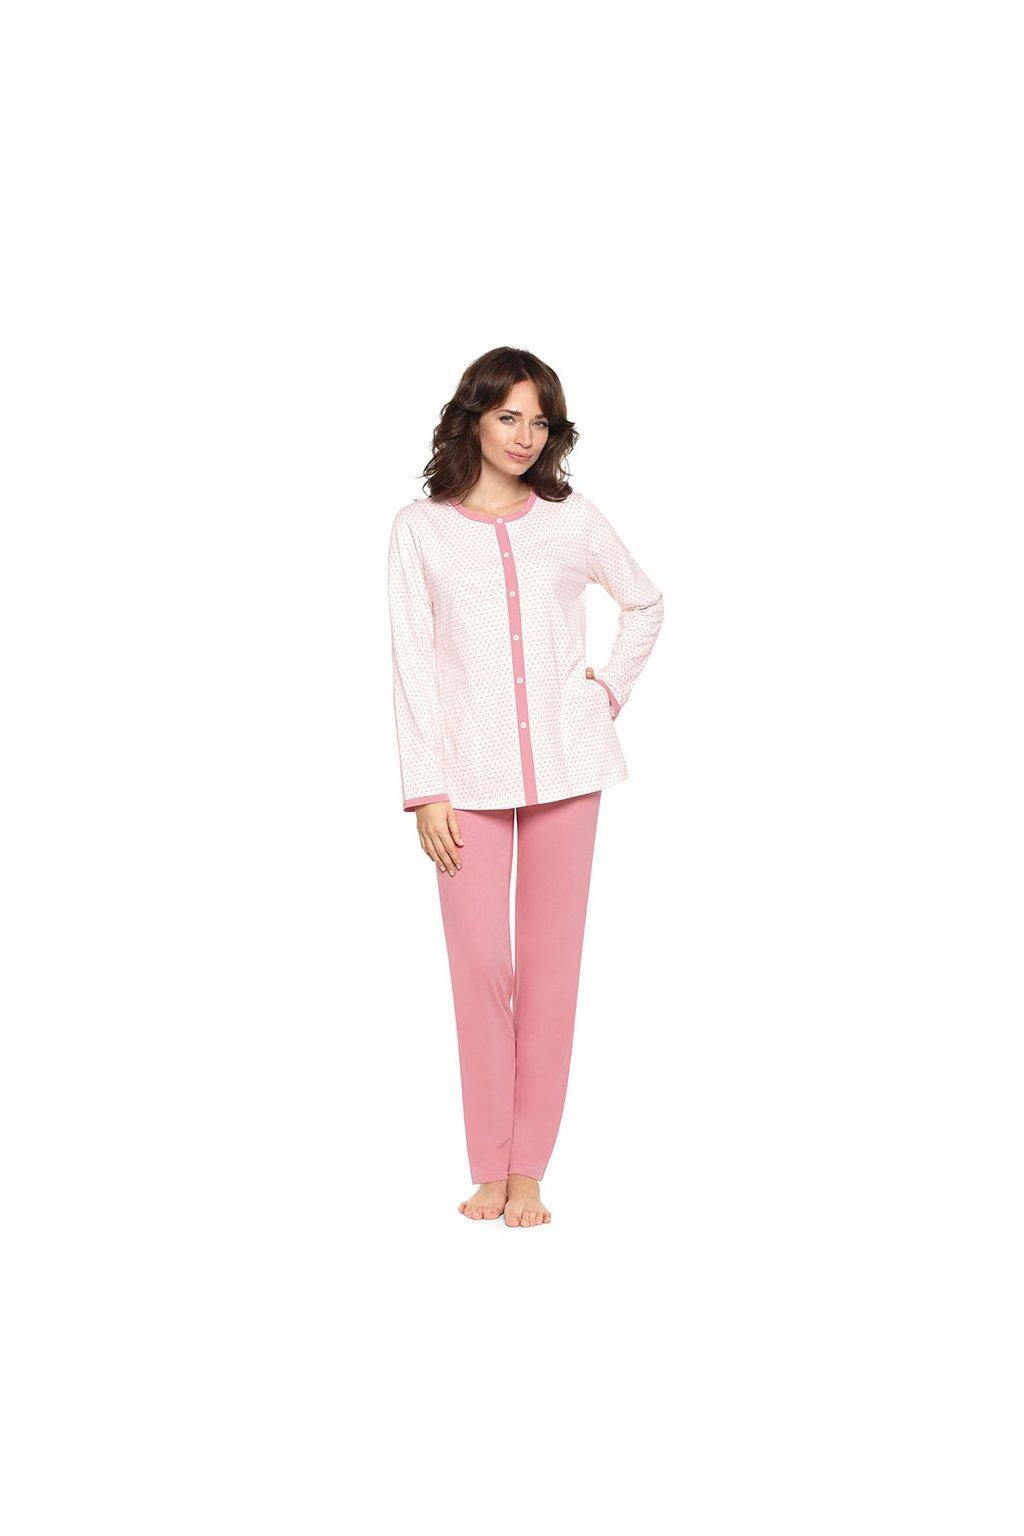 Dámské pyžamo s dlouhým rukávem, 104381 62, růžová